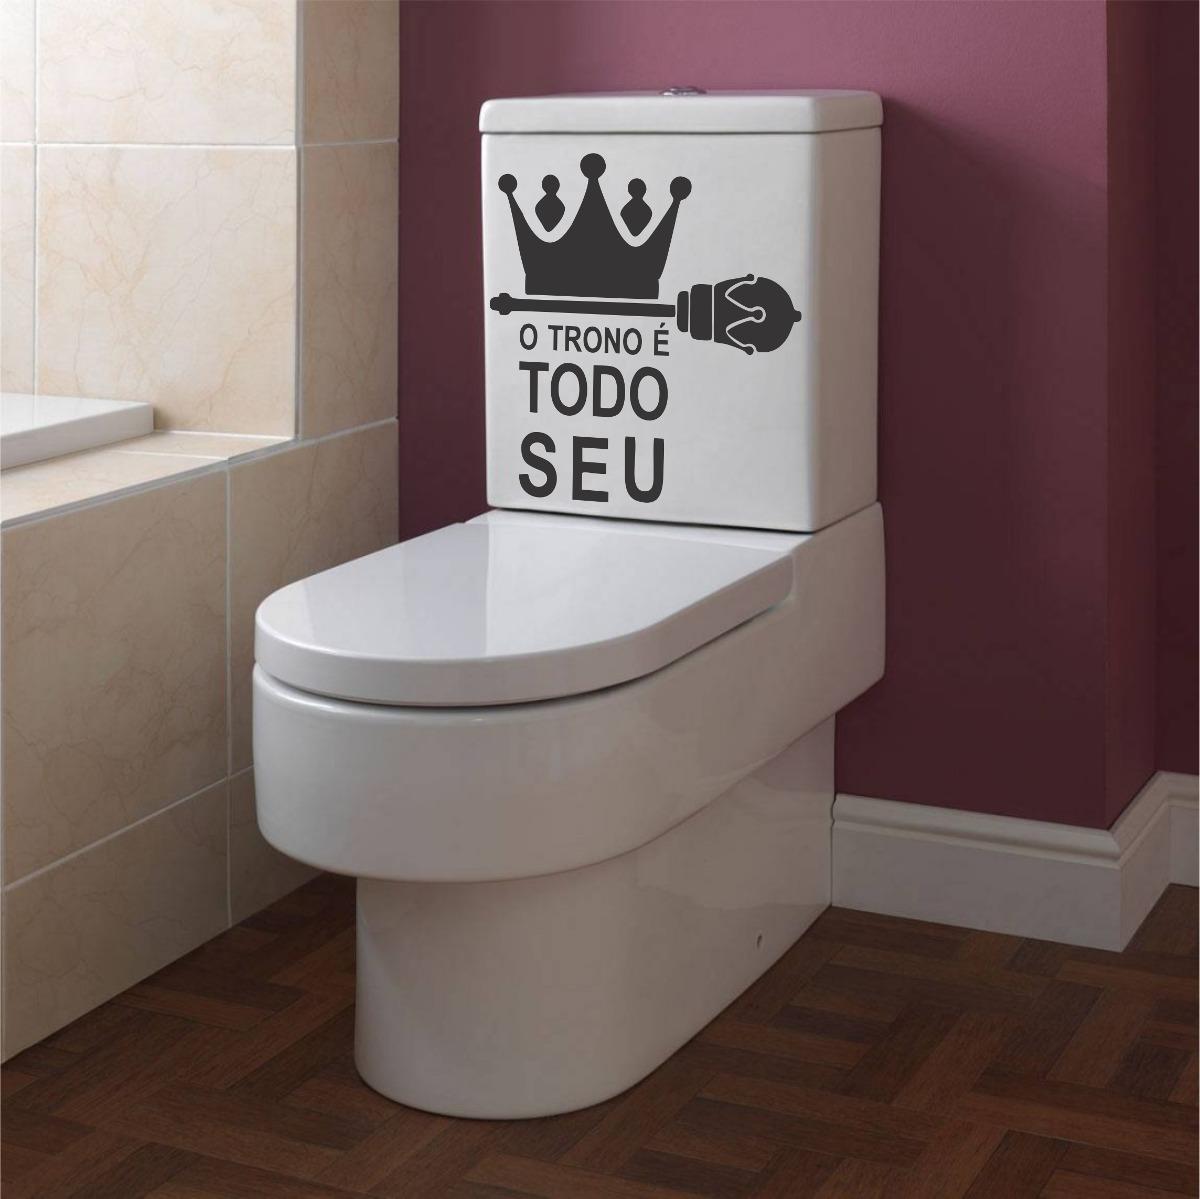 Adesivo Decorativo Parede Banheiro Vaso Assento Sanitário R$ 6 99  #412725 1200 1199